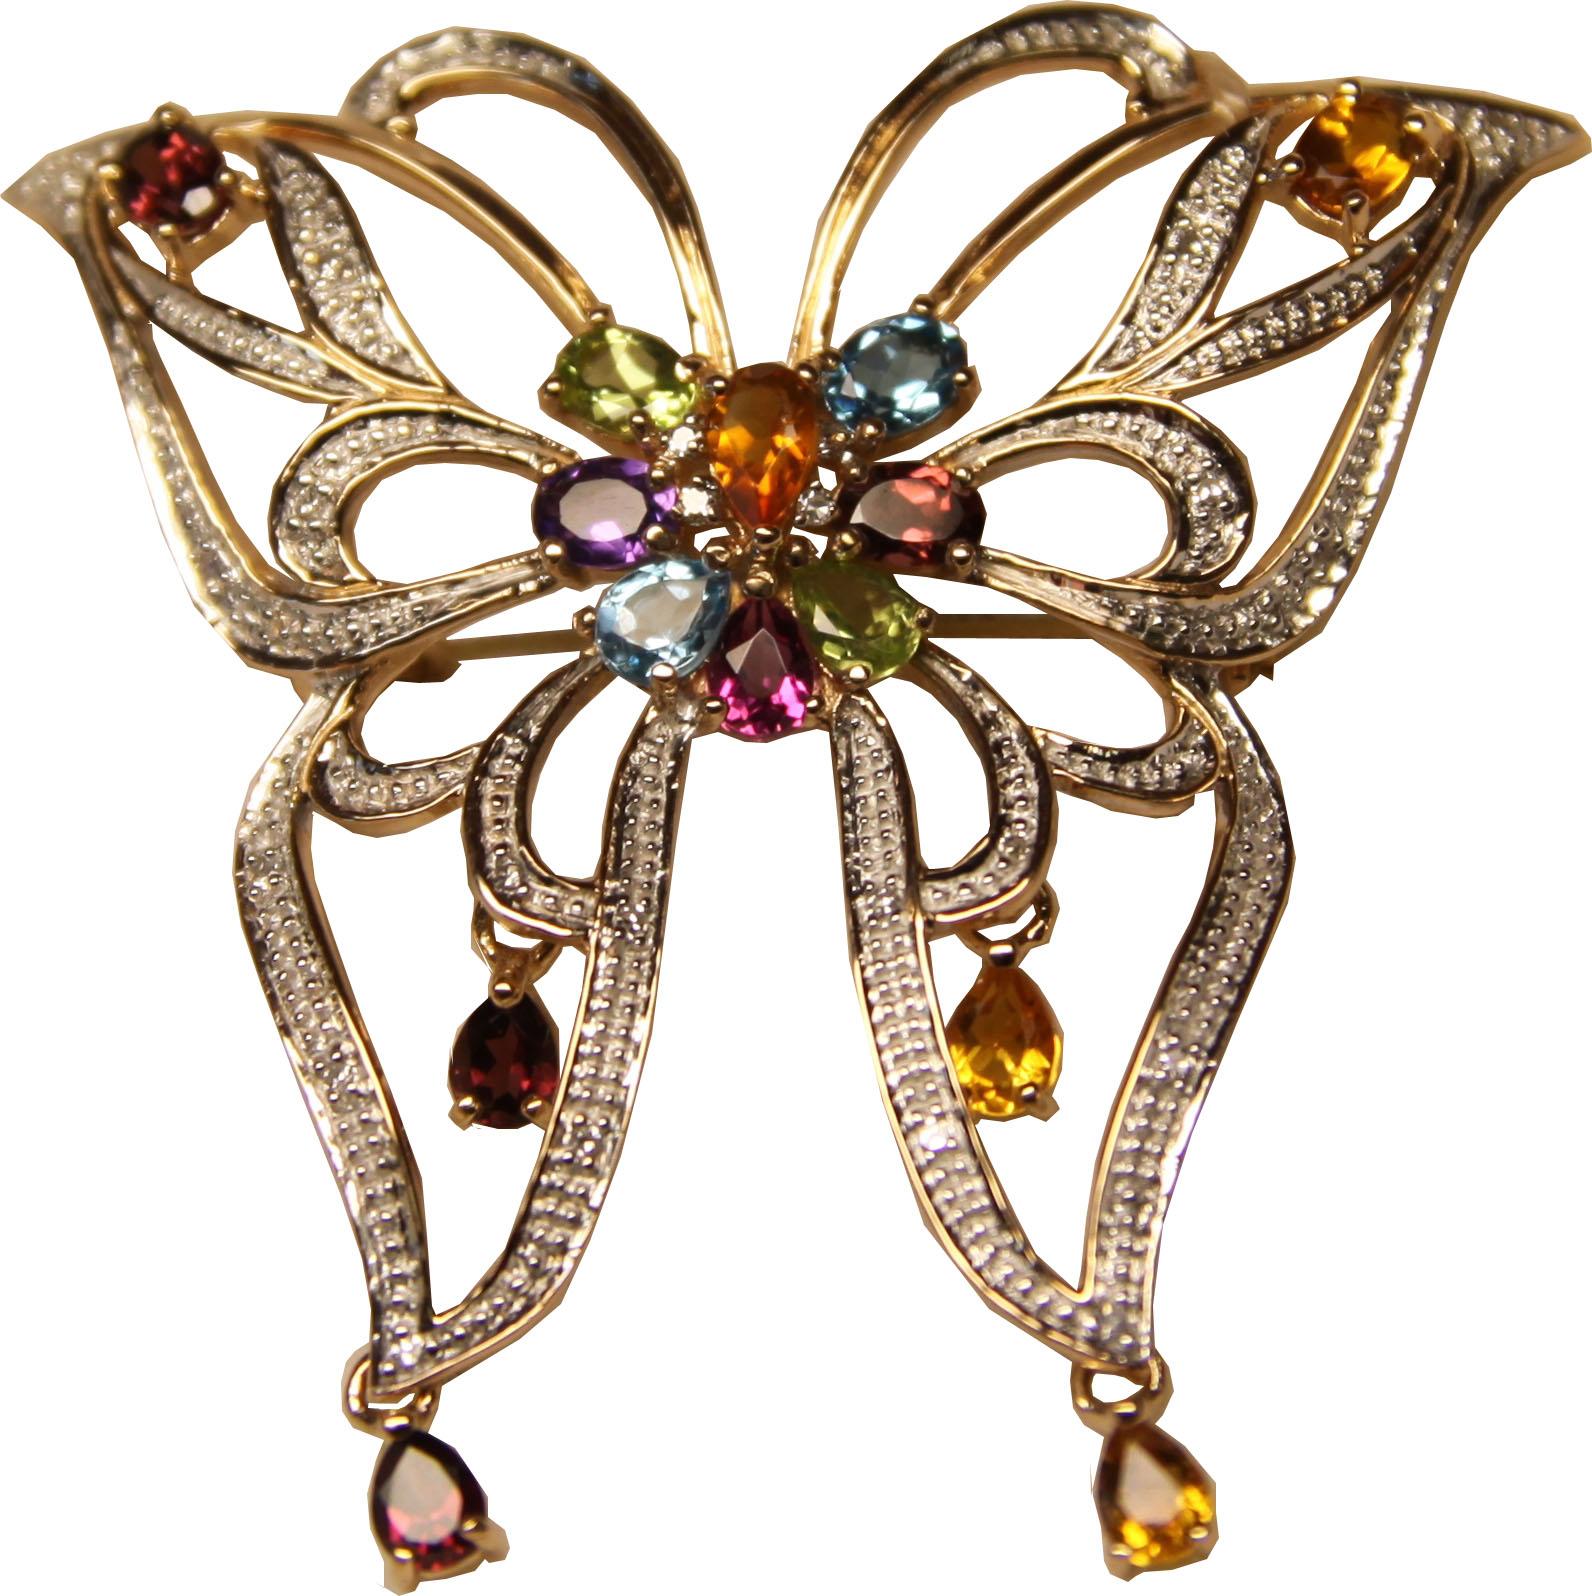 Золотая брошь с аметистом, бриллиантом, перидотом, родолитом, топазом, турмалином и цитрином арт. 330089км 330089км